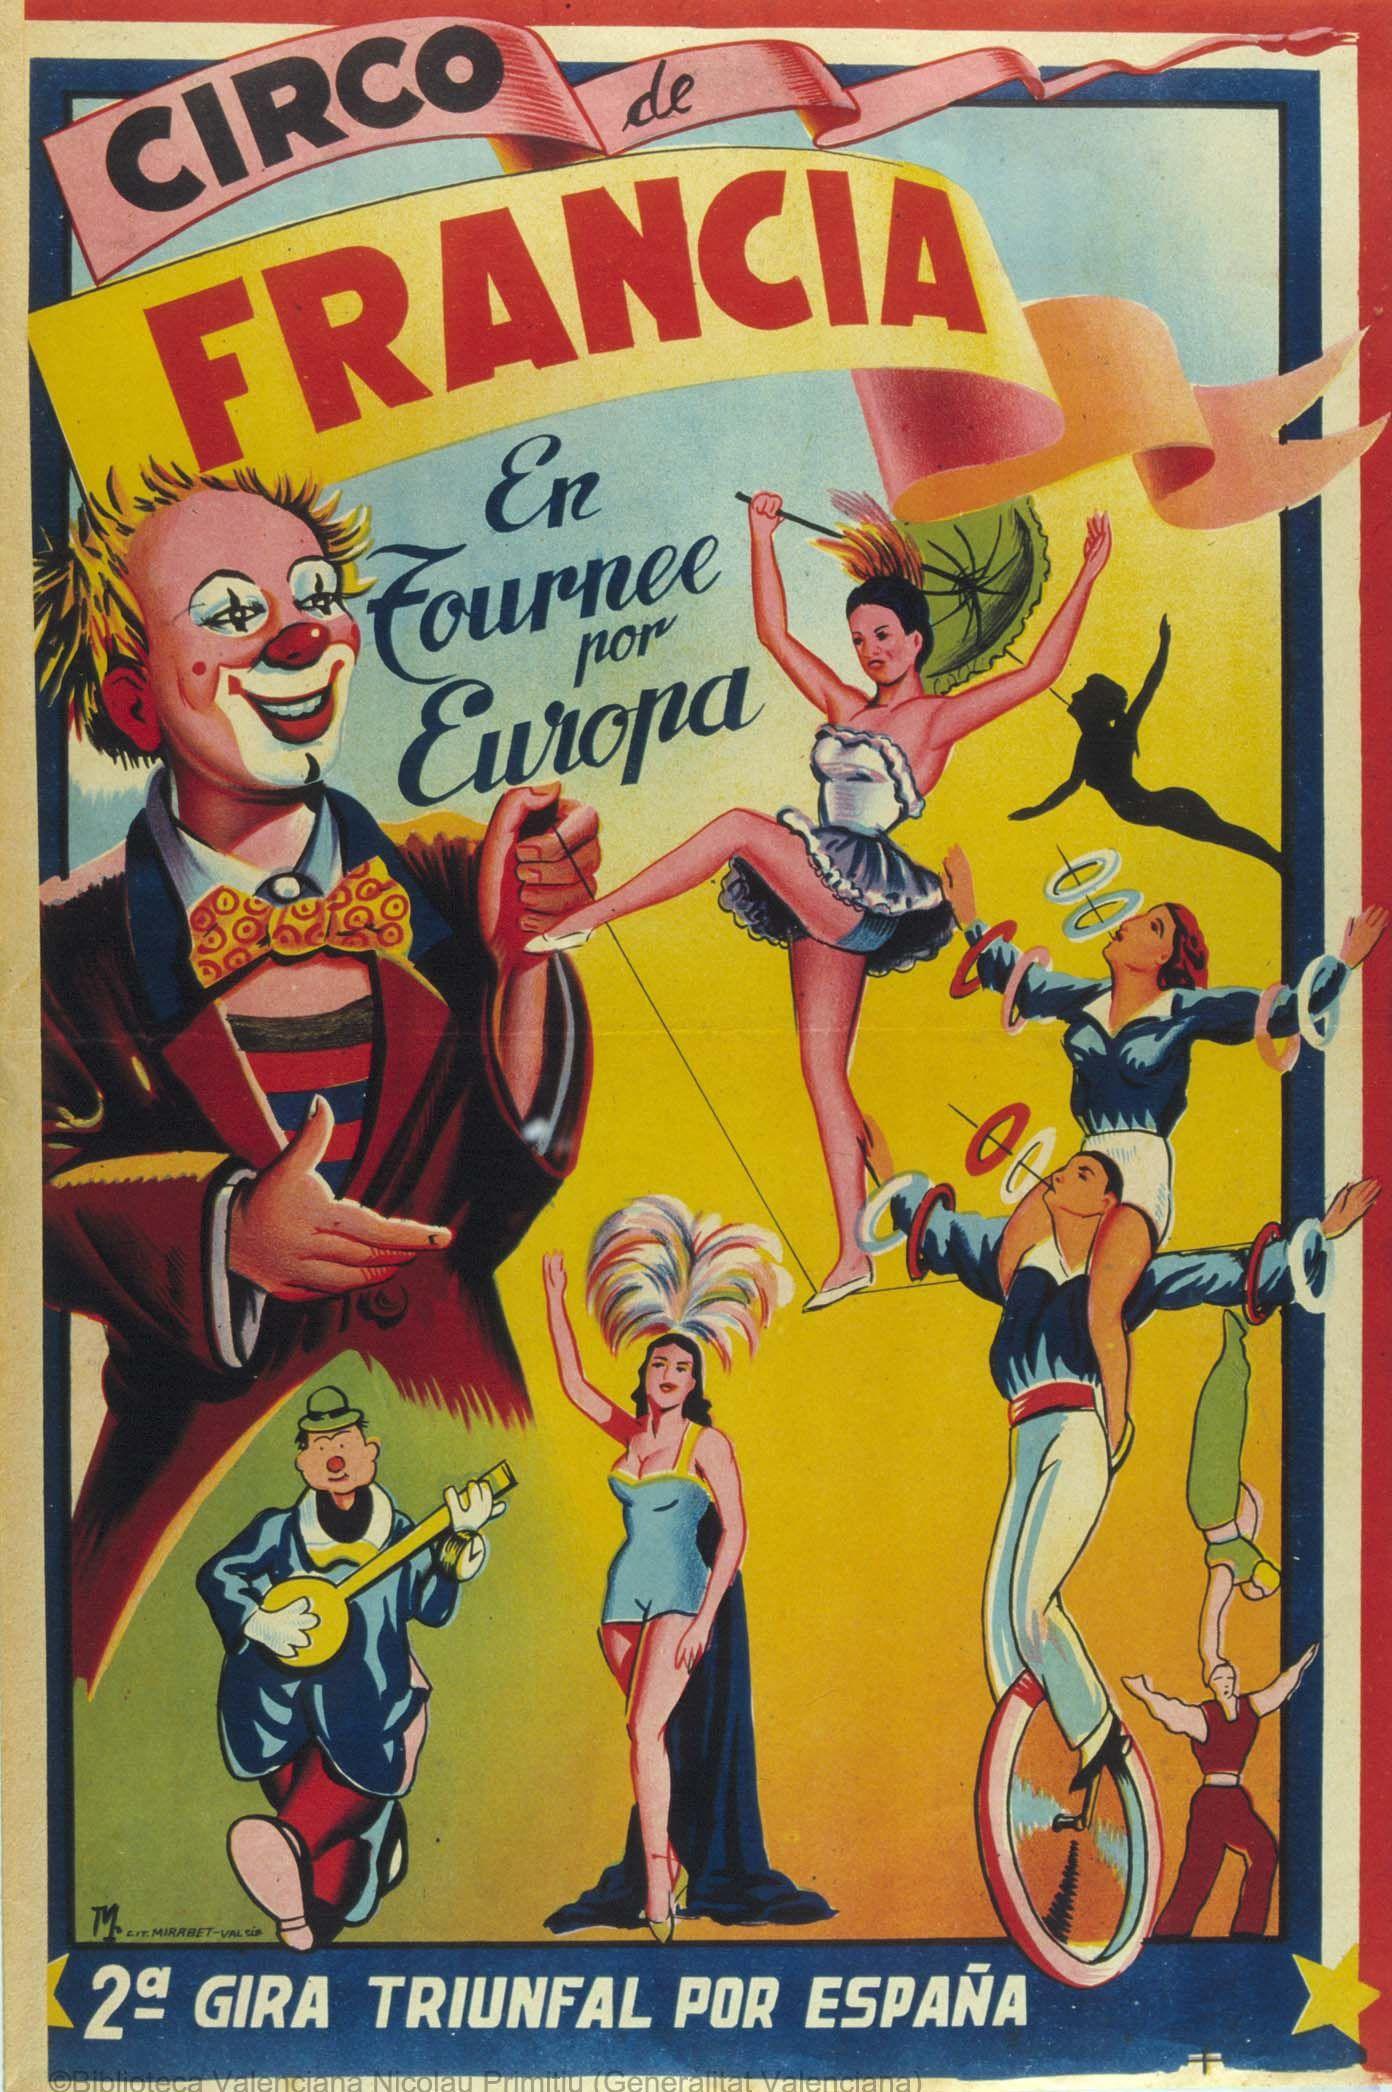 Circo de Francia : En tournee por Europa : 2ª gira triunfal por España. [S.l. : s.n., 1ª mitad del siglo XX] (Valencia : Lit. Mirabet). 1 lám. (cartel) : col. ; 51 x 36 cm